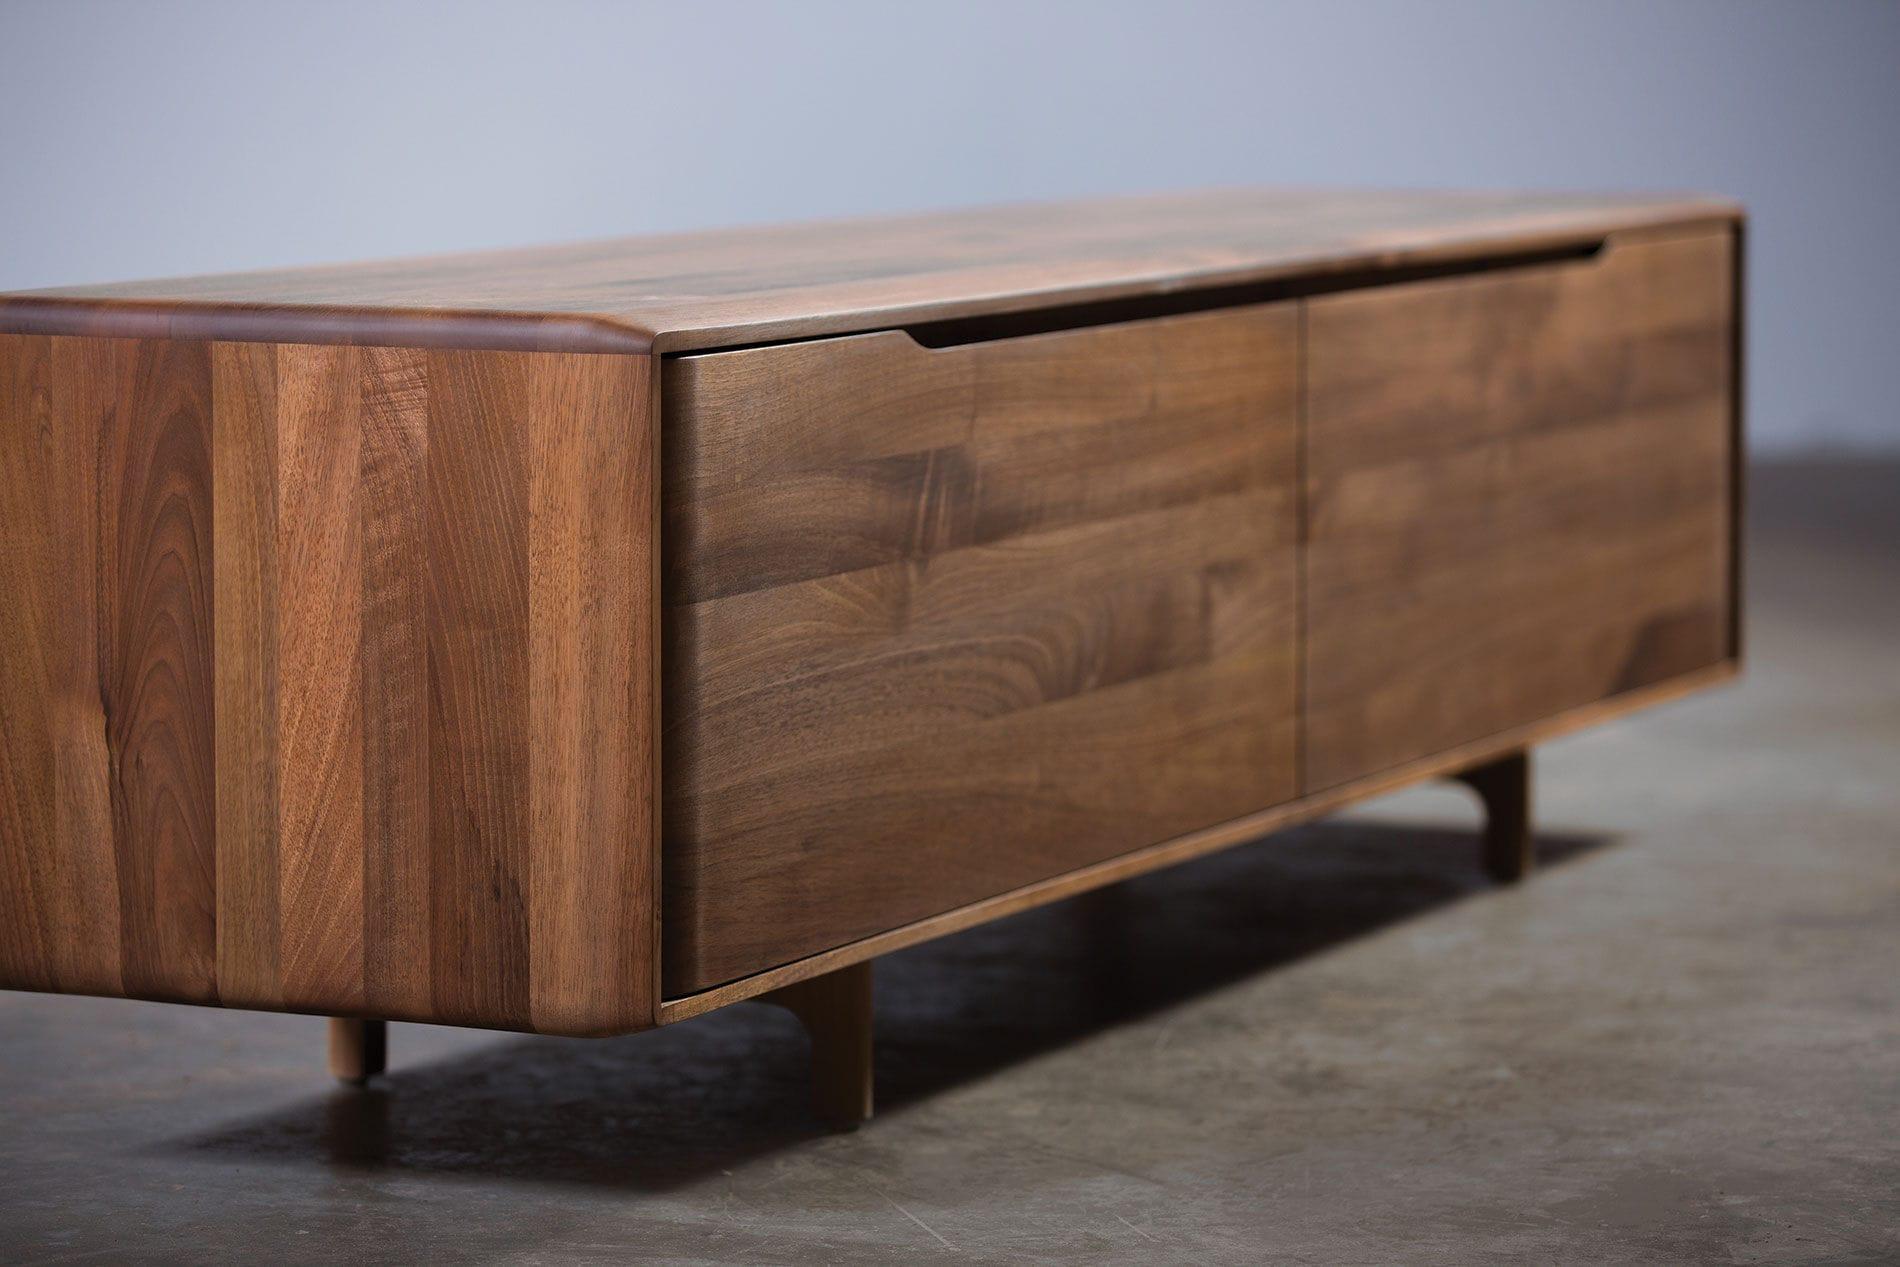 contemporary sideboard  oak  walnut  solid wood  invito by  -  contemporary sideboard  oak  walnut  solid wood invito by michaelschneider artisan solid wood